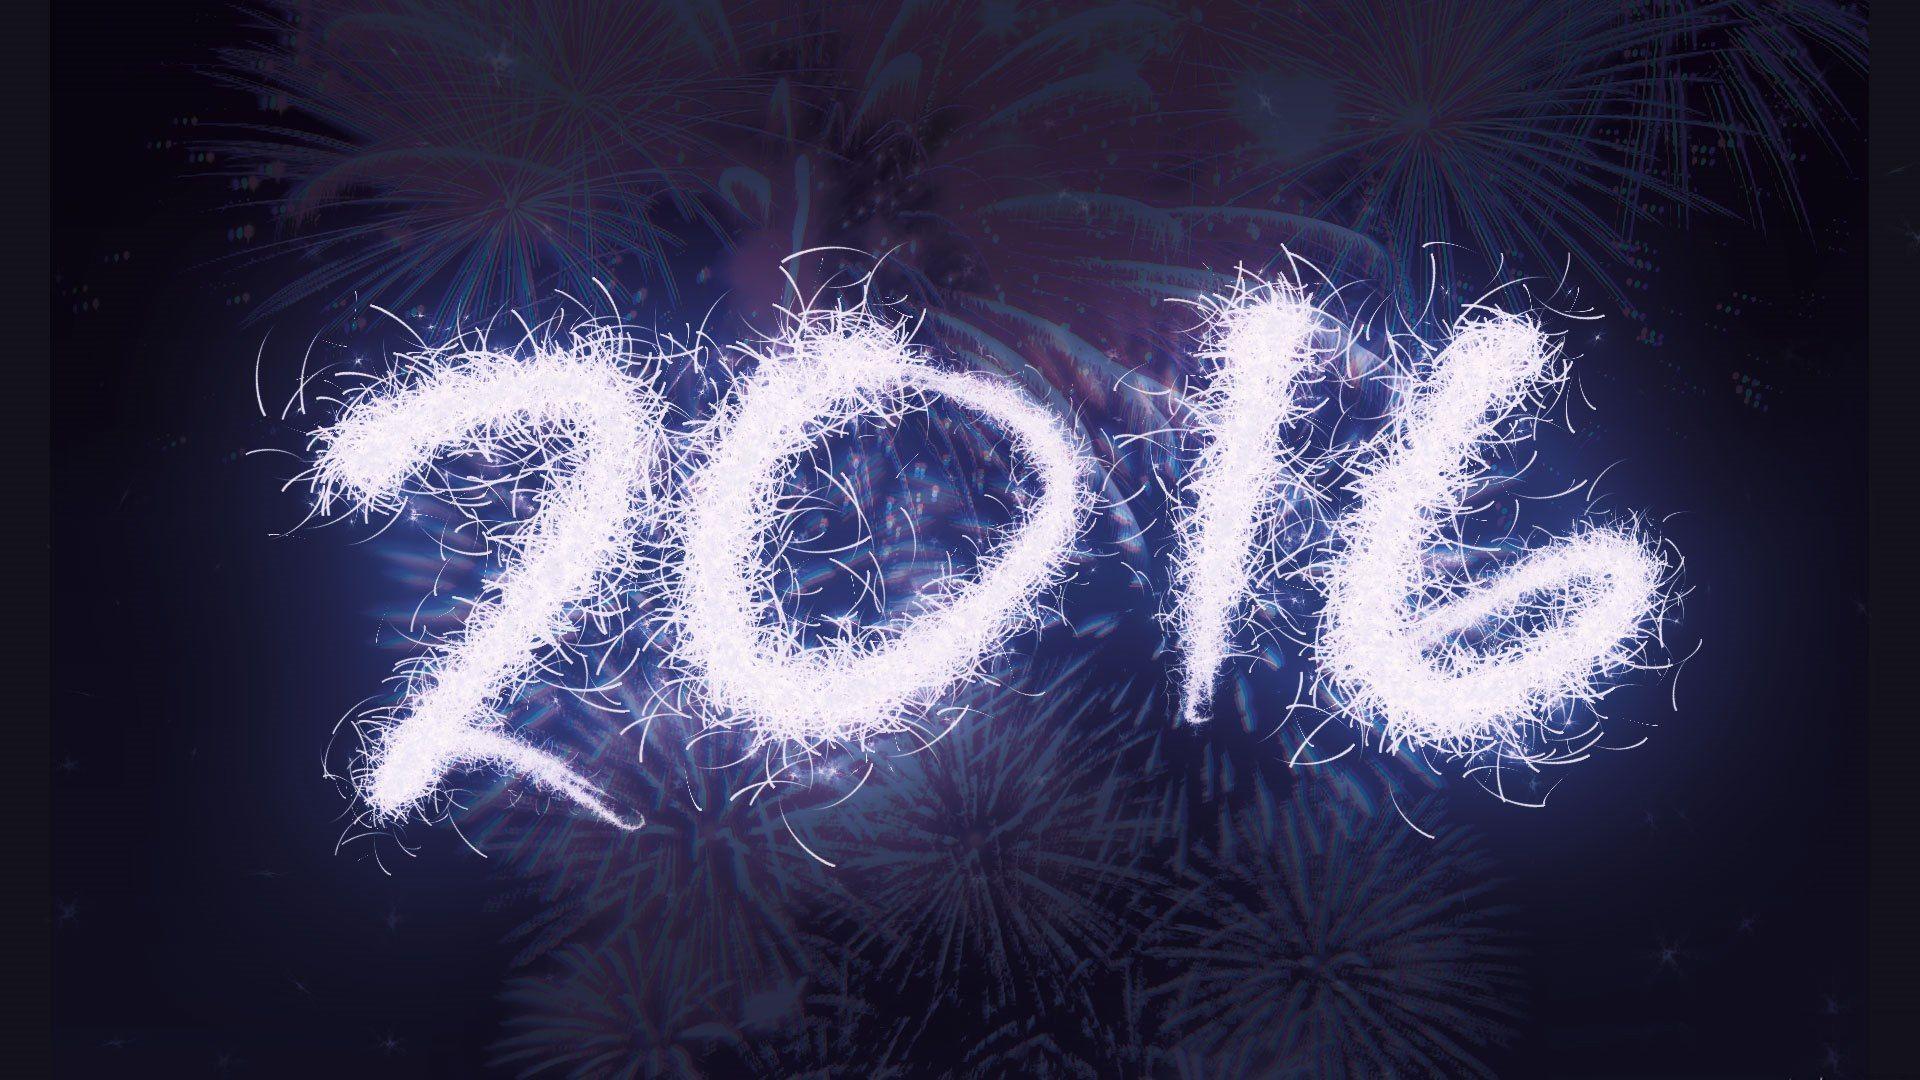 Надписью, с новым годом 2016 картинки надписи